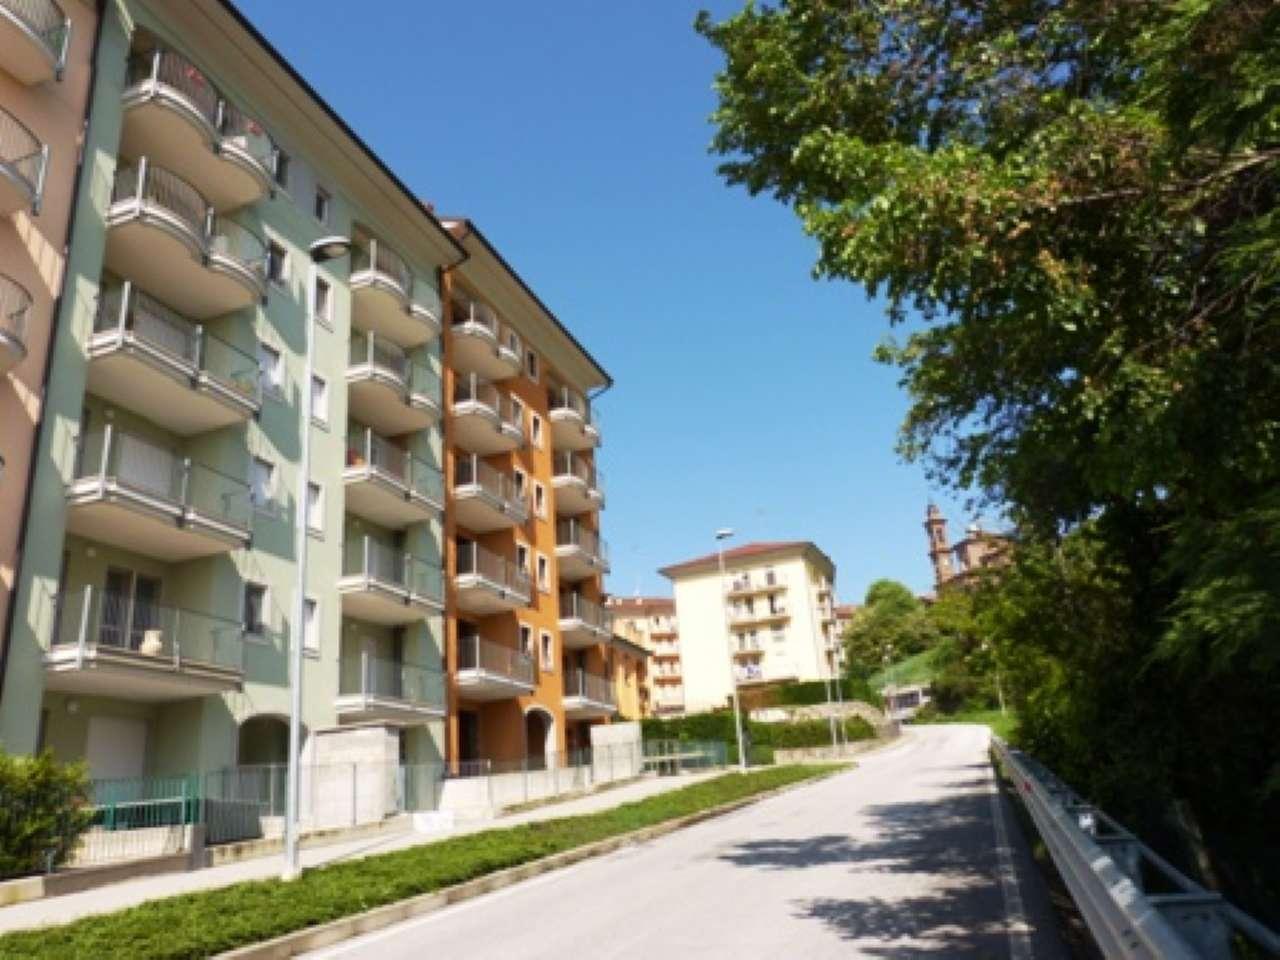 Appartamento in vendita a Fossano, 4 locali, prezzo € 192.000 | CambioCasa.it